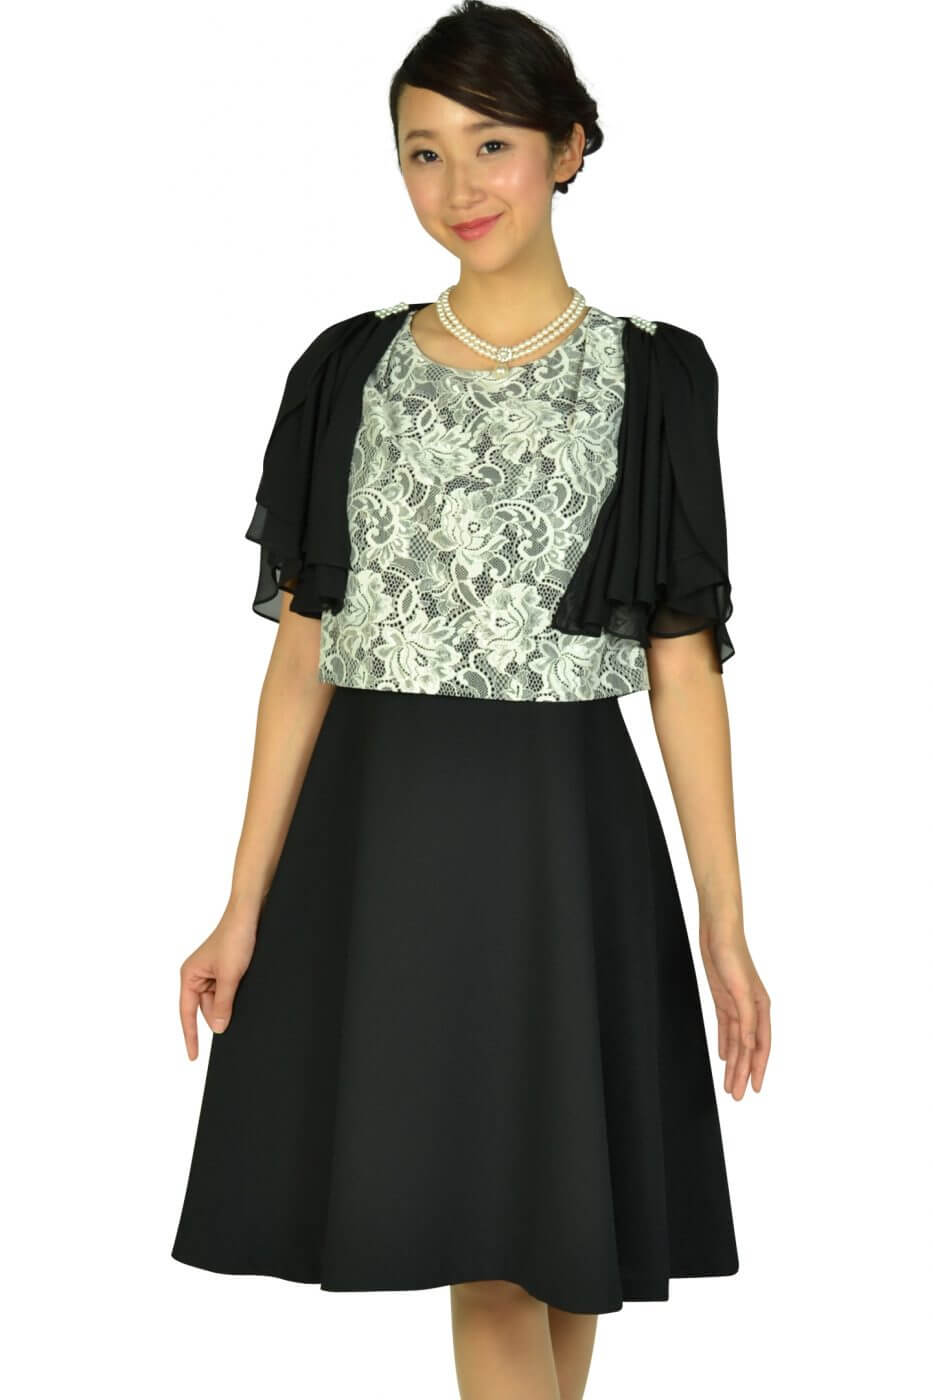 ドレス デコ(DRESS DECO)エレガントブラック×ホワイトレースドレスセット